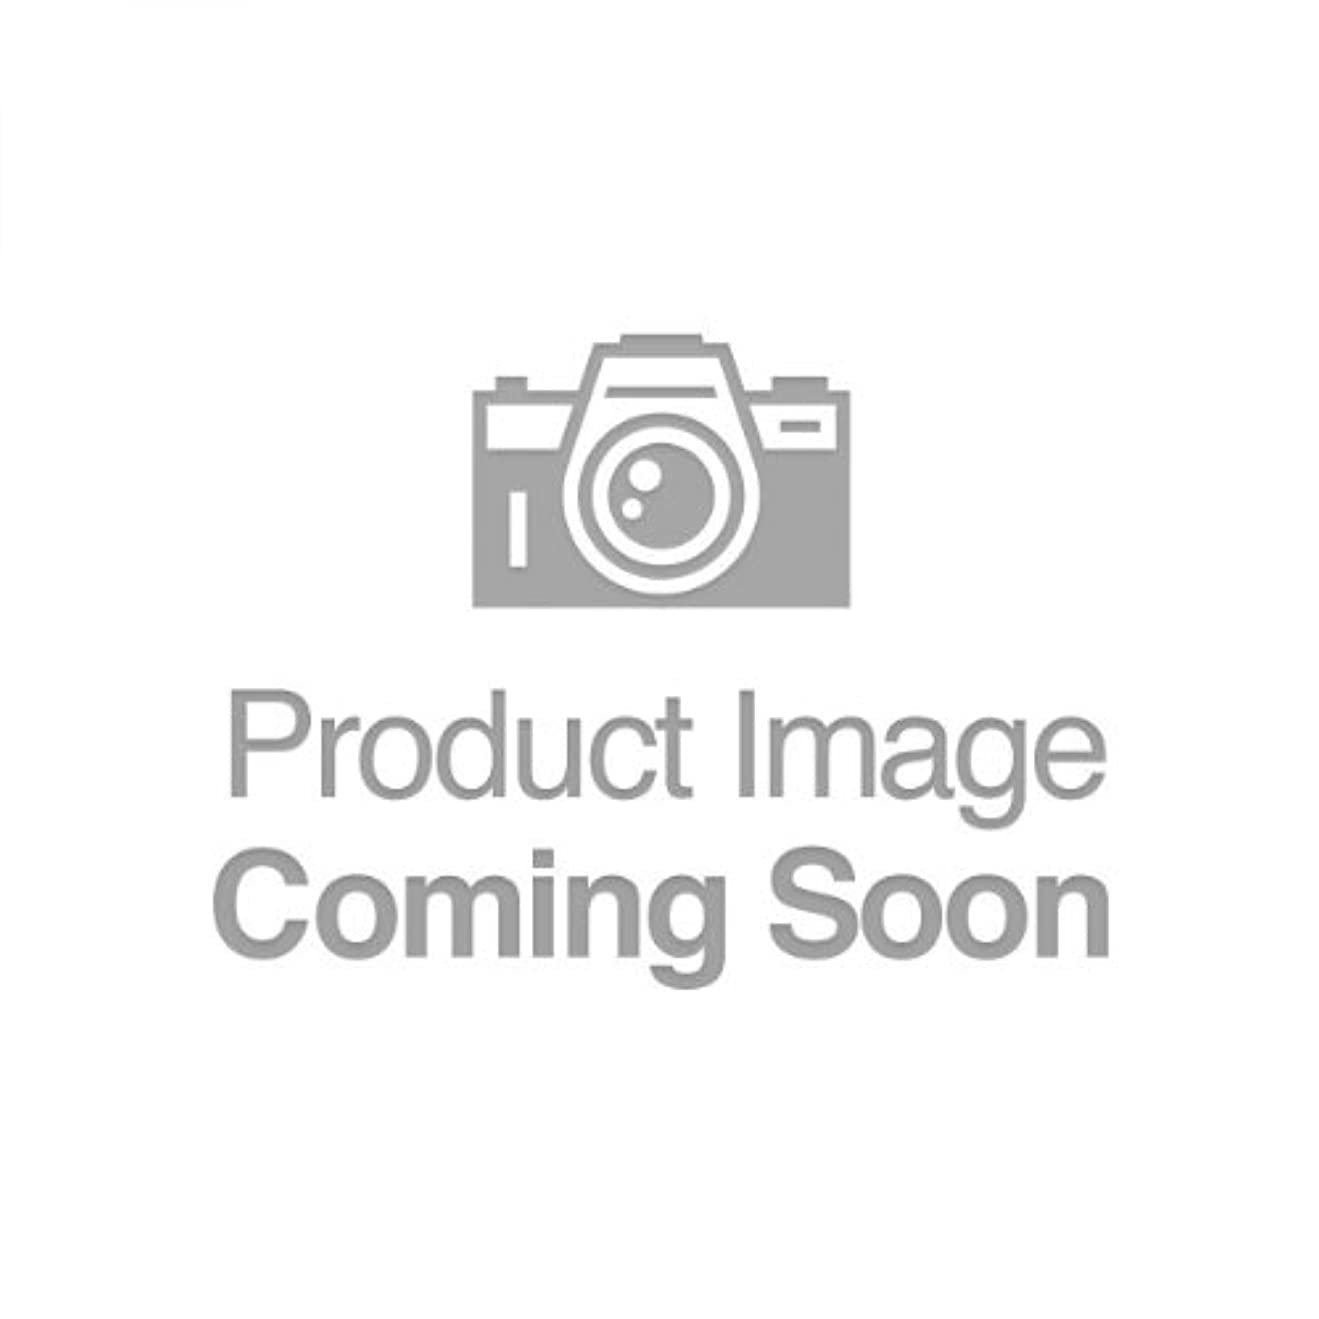 処方する見通しプロテスタントEqual ExchangeオーガニックMind Body & SoulコーヒーGround Medium Roast – - 12 oz